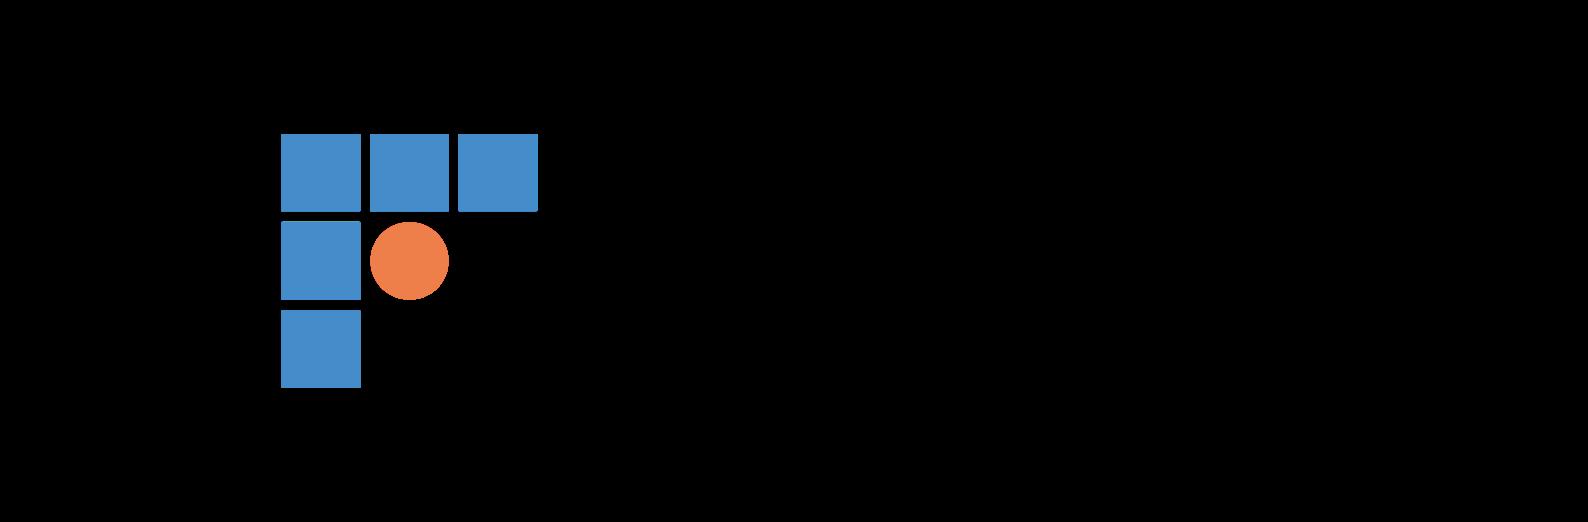 bitflyer · GitHub Topics · GitHub